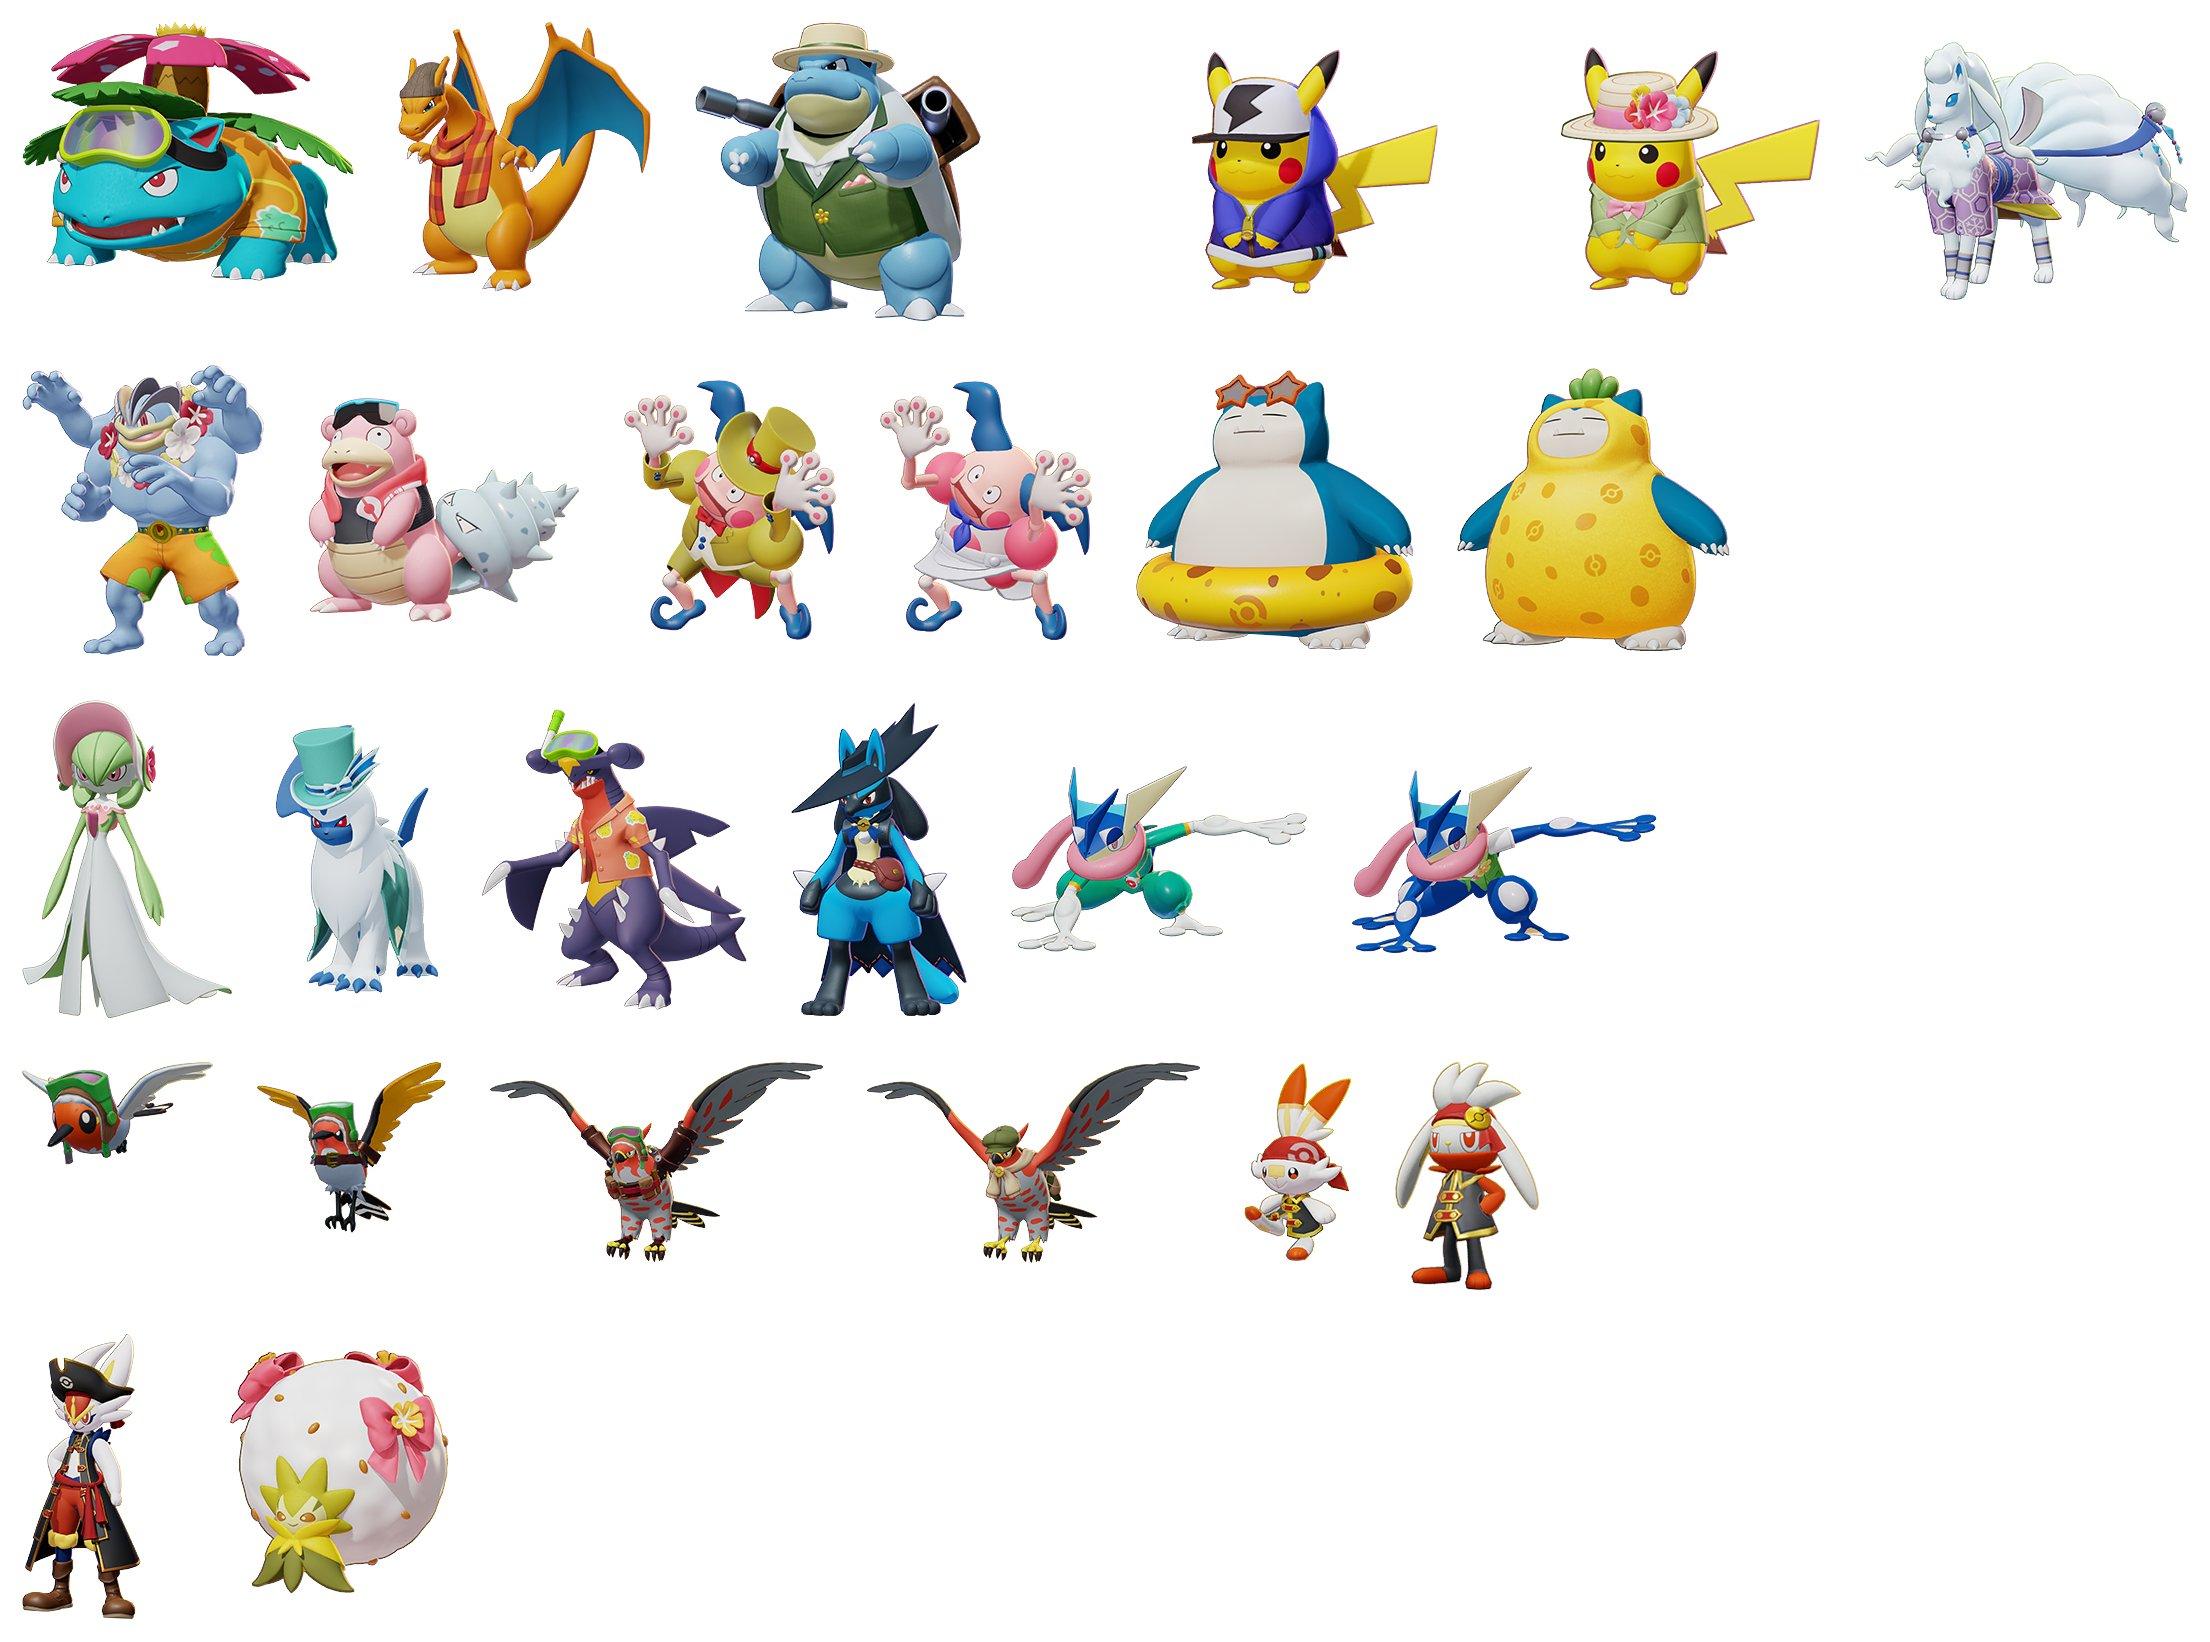 Centro Leaks On Twitter More Pokemon Unite Skins Via Datamine Twitter